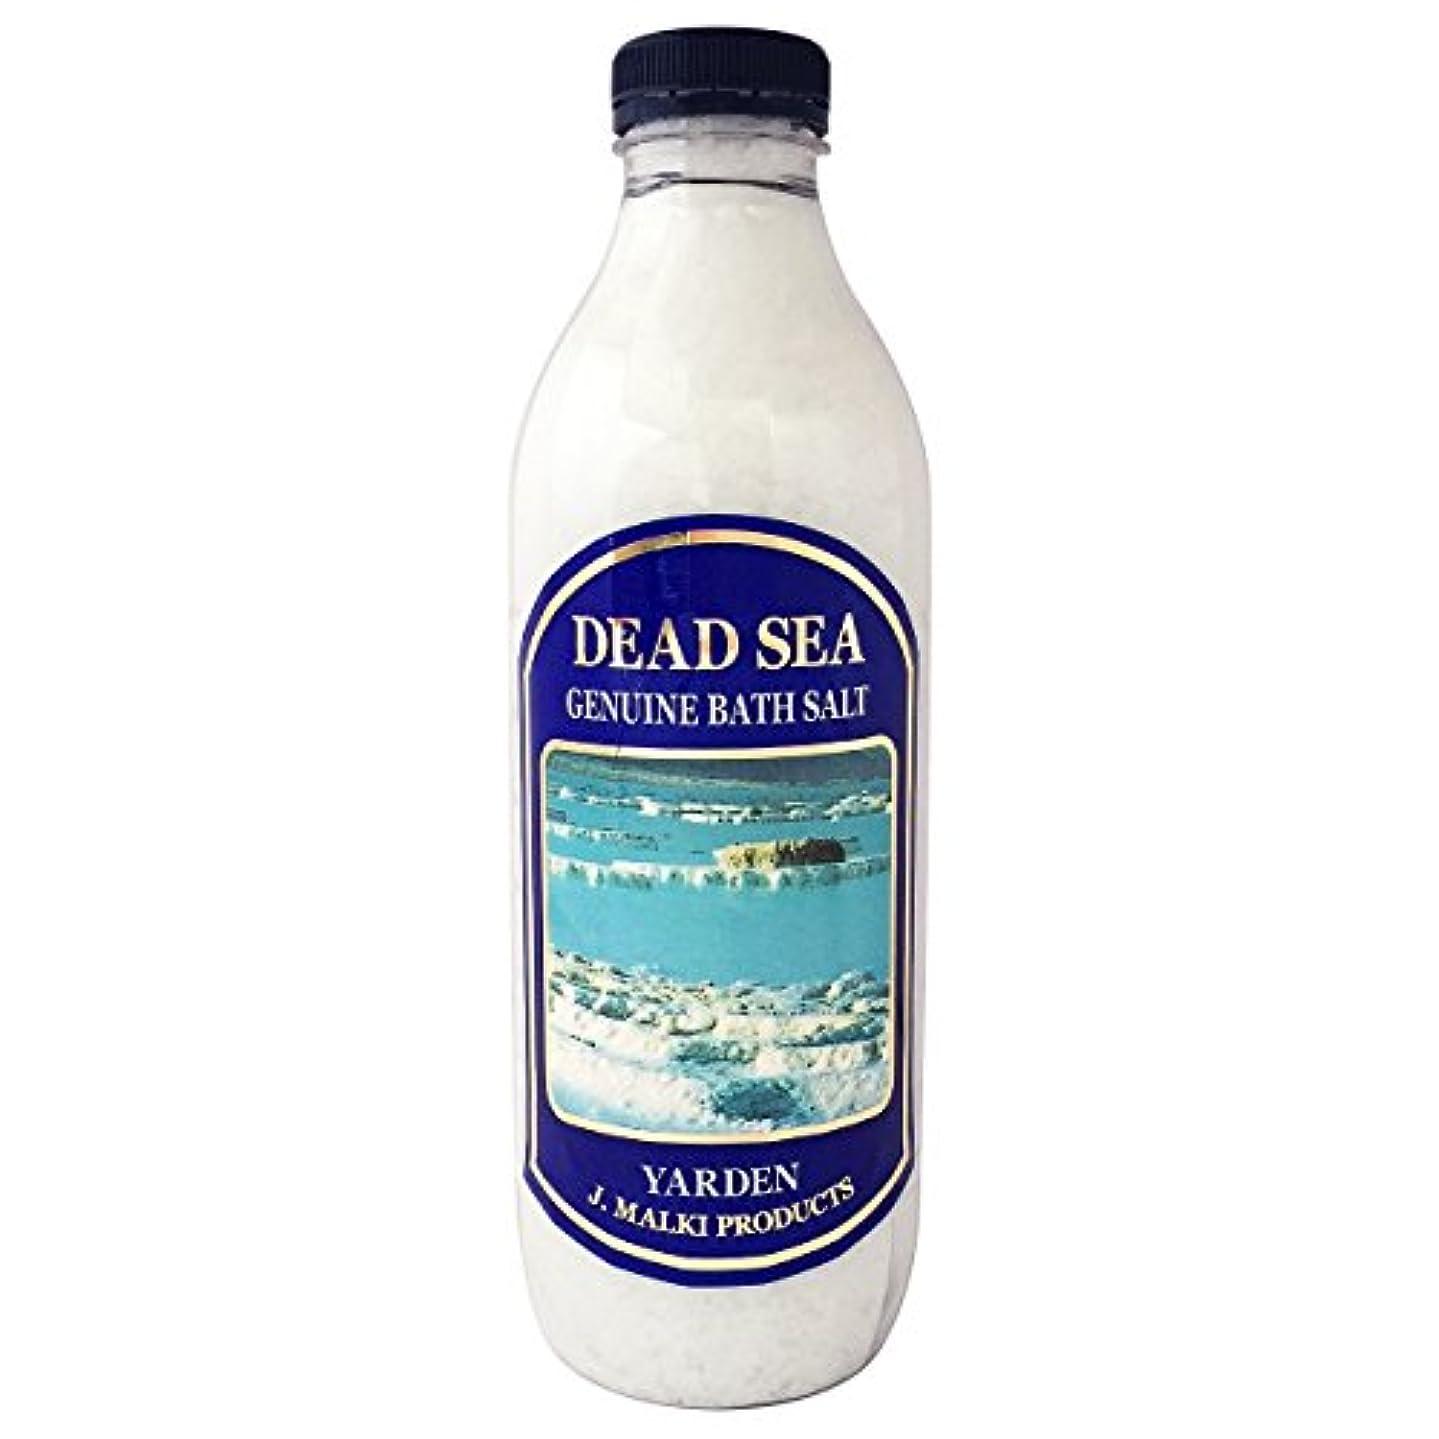 戻す破滅的なジョージエリオットデッドシー?バスソルト 1kg(約10回分)【DEAD SEA BATH SALT】死海の塩/入浴剤(入浴用化粧品)